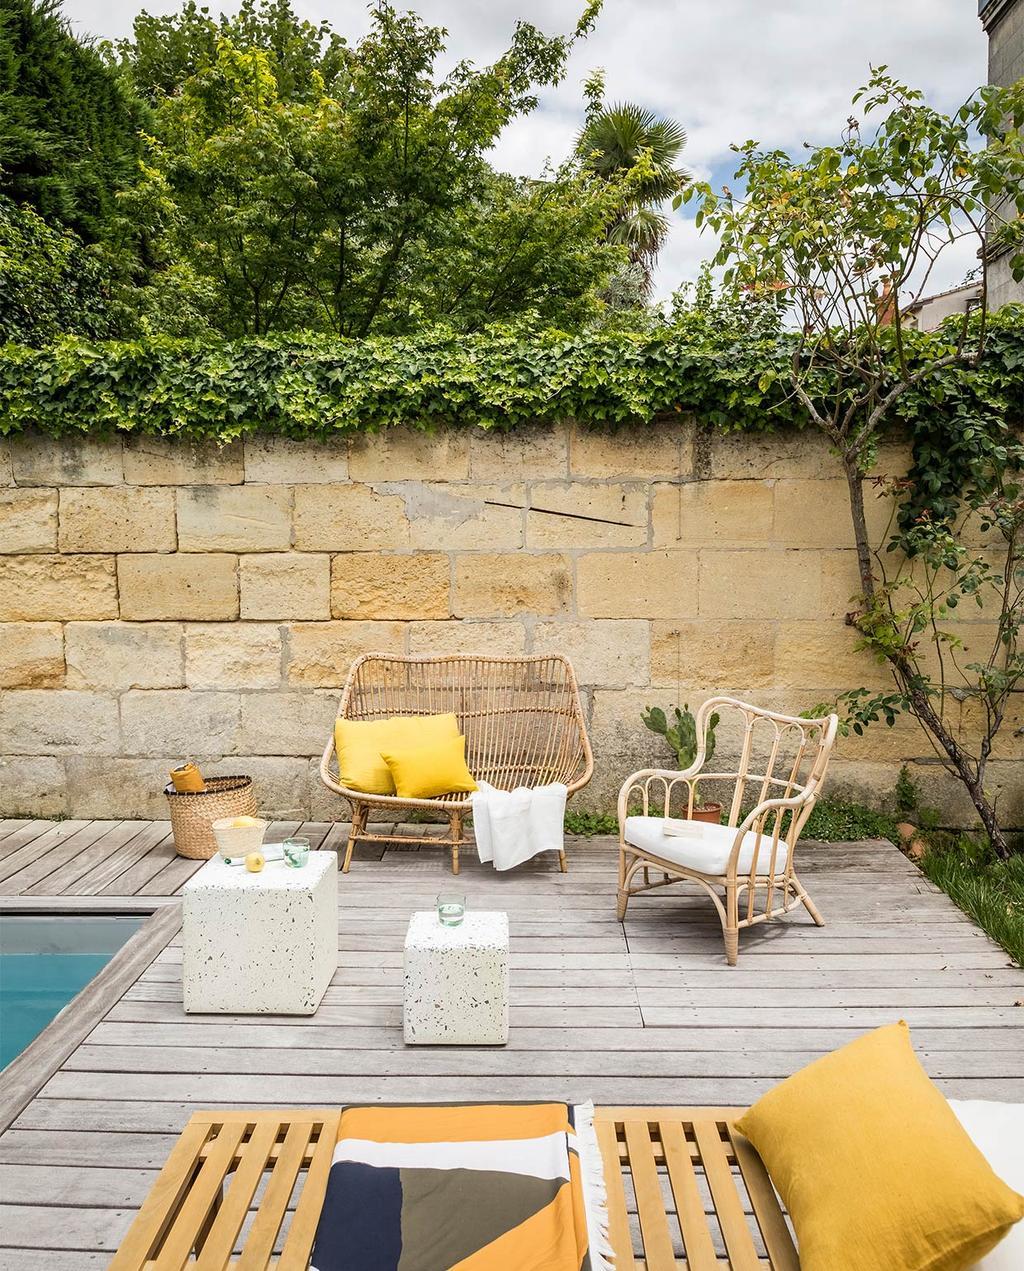 vtwonen special zomerhuizen 07-2021 | tuinbank bij het zwembad met okergele kussens